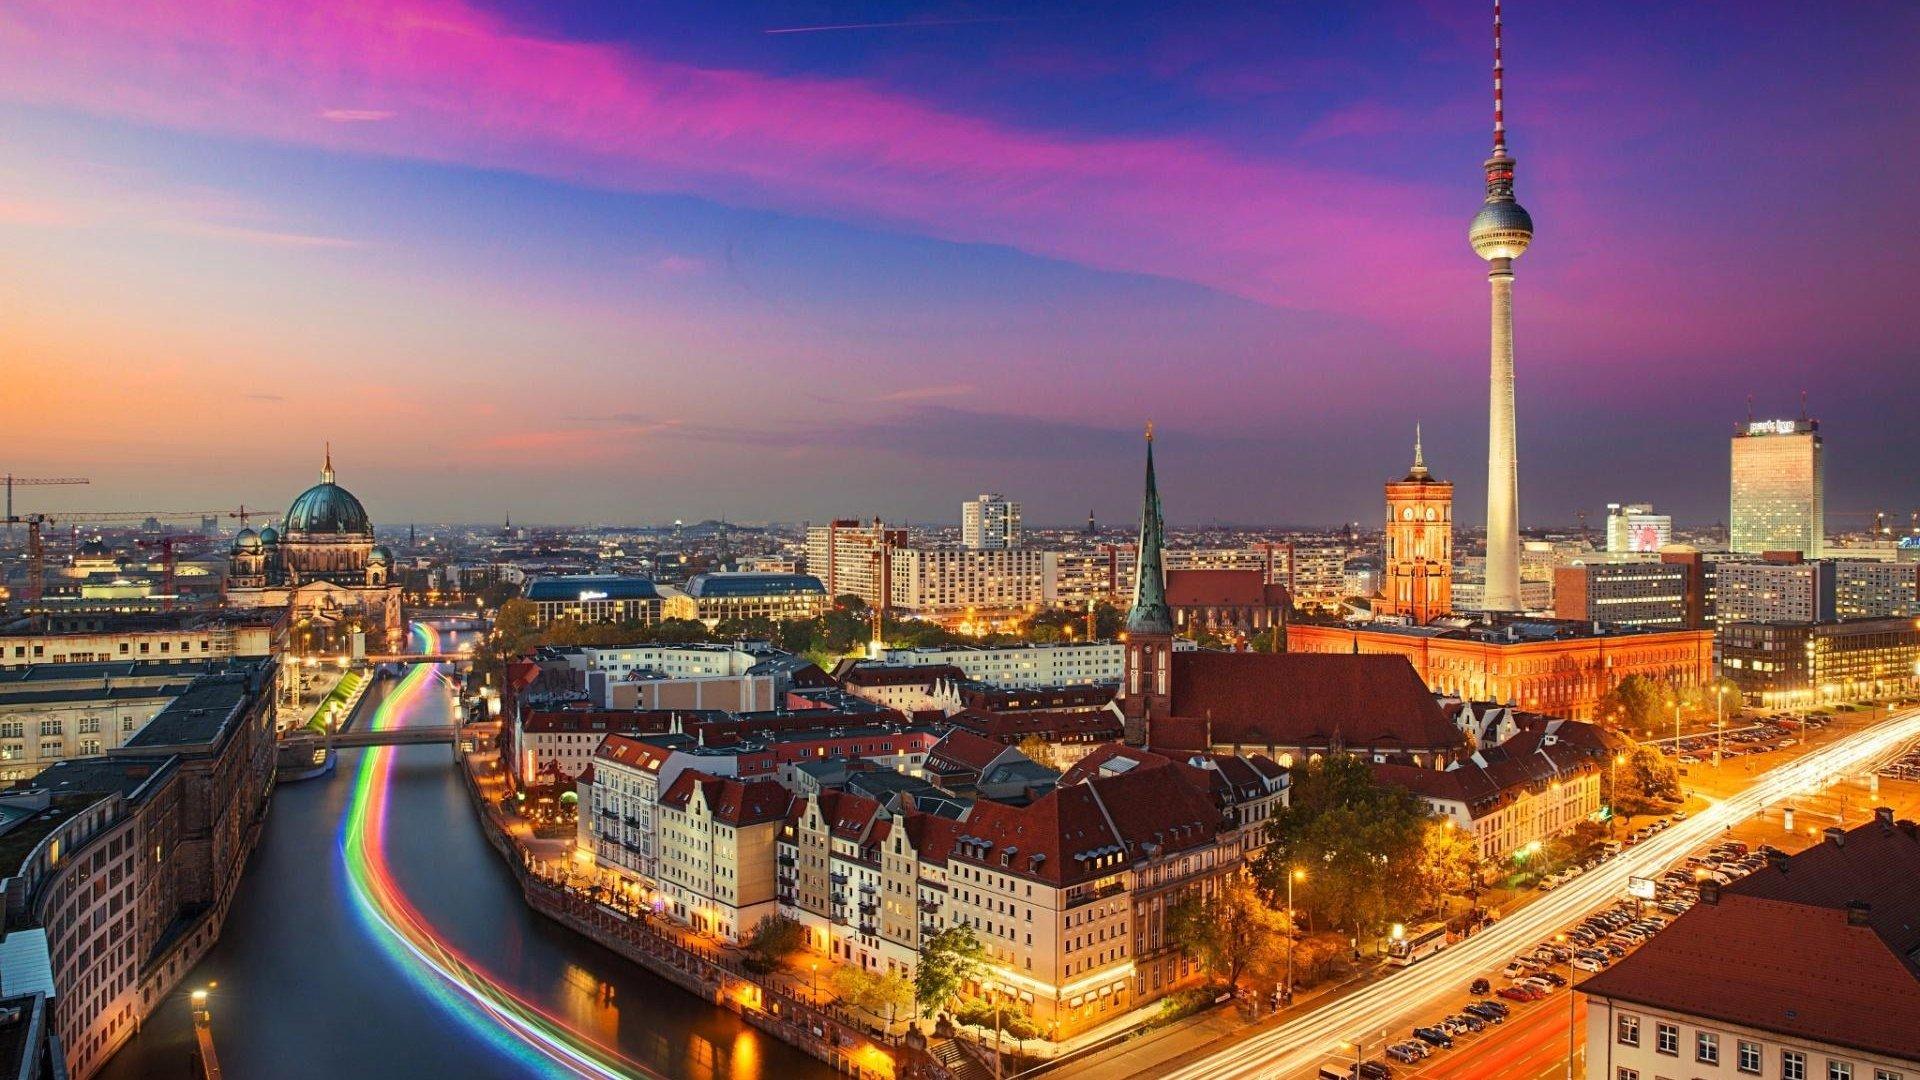 Berlin wallpaper download